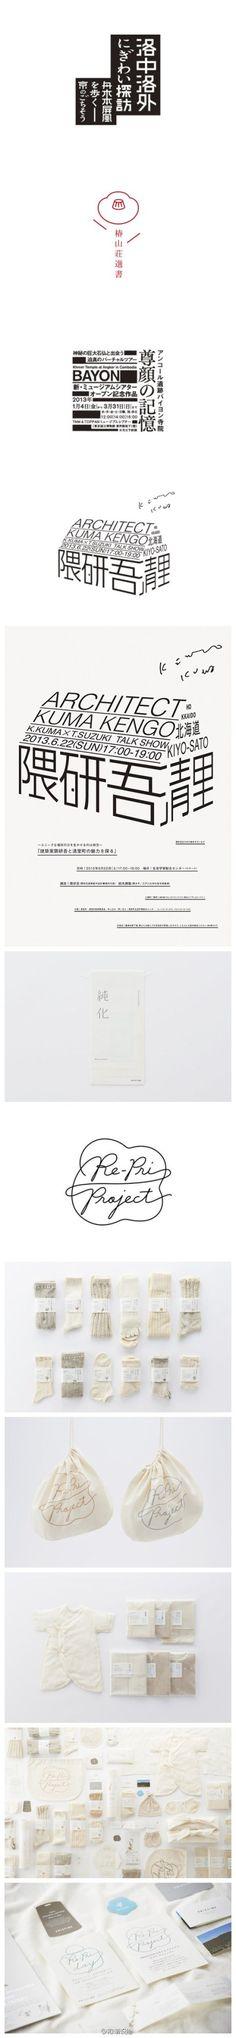 大黒デザイン研究室 Baby product #identity #packaging #branding PD